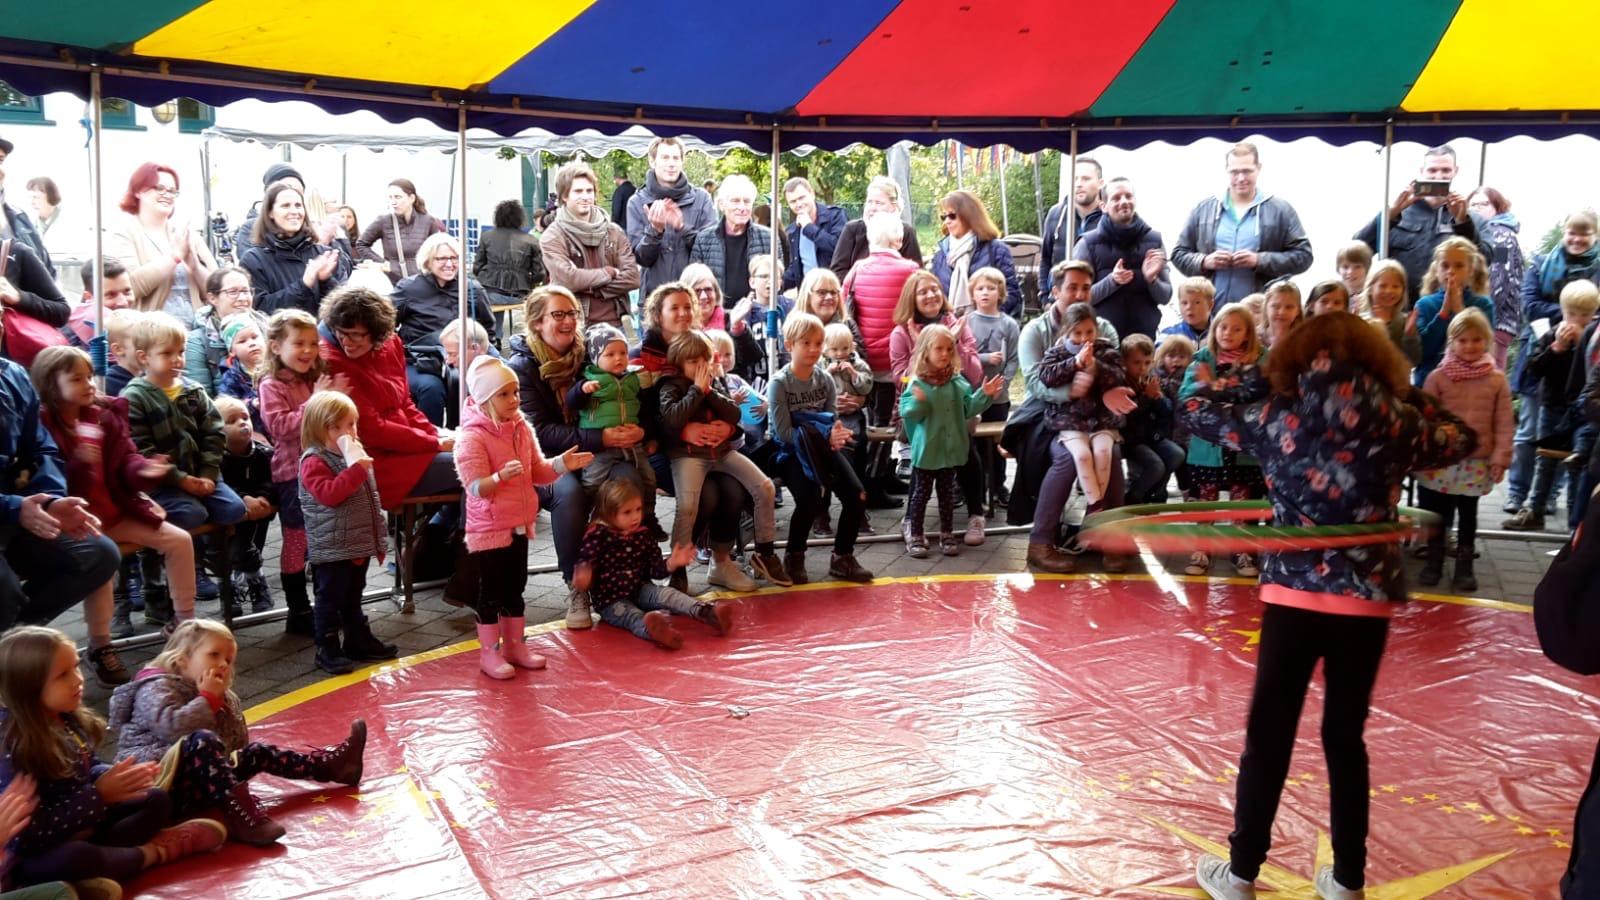 Zirkus- und Begegnungsfest am 05.10.2019 - Bürgerverein Geislar